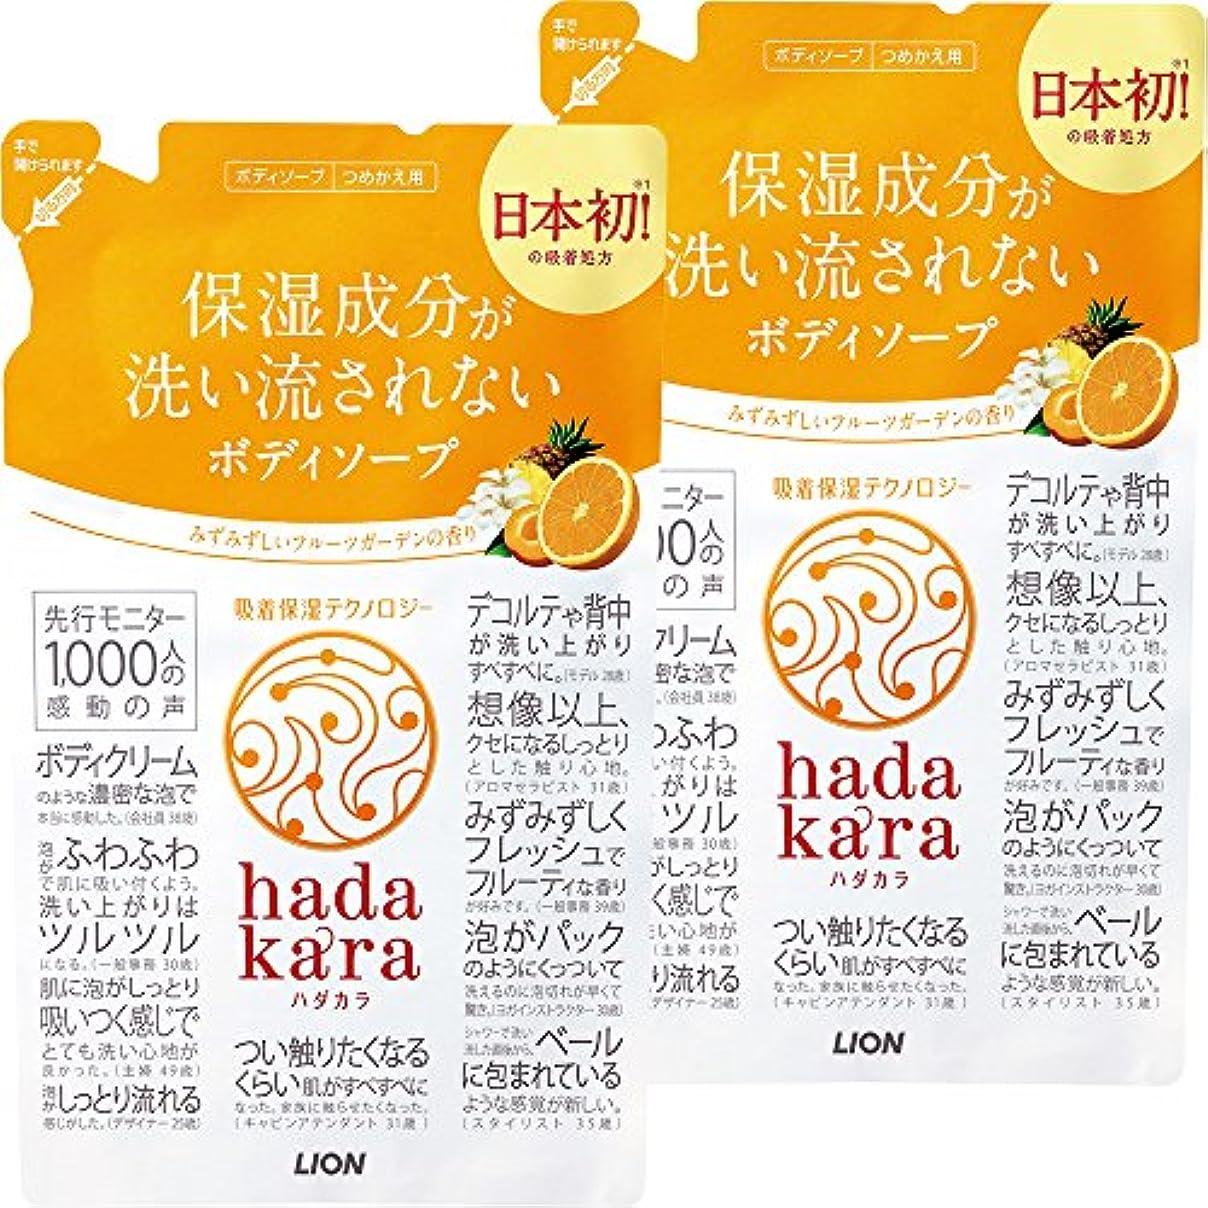 種類スクラッチトン【まとめ買い】hadakara(ハダカラ) ボディソープ フルーツガーデンの香り 詰め替え 360ml×2個パック